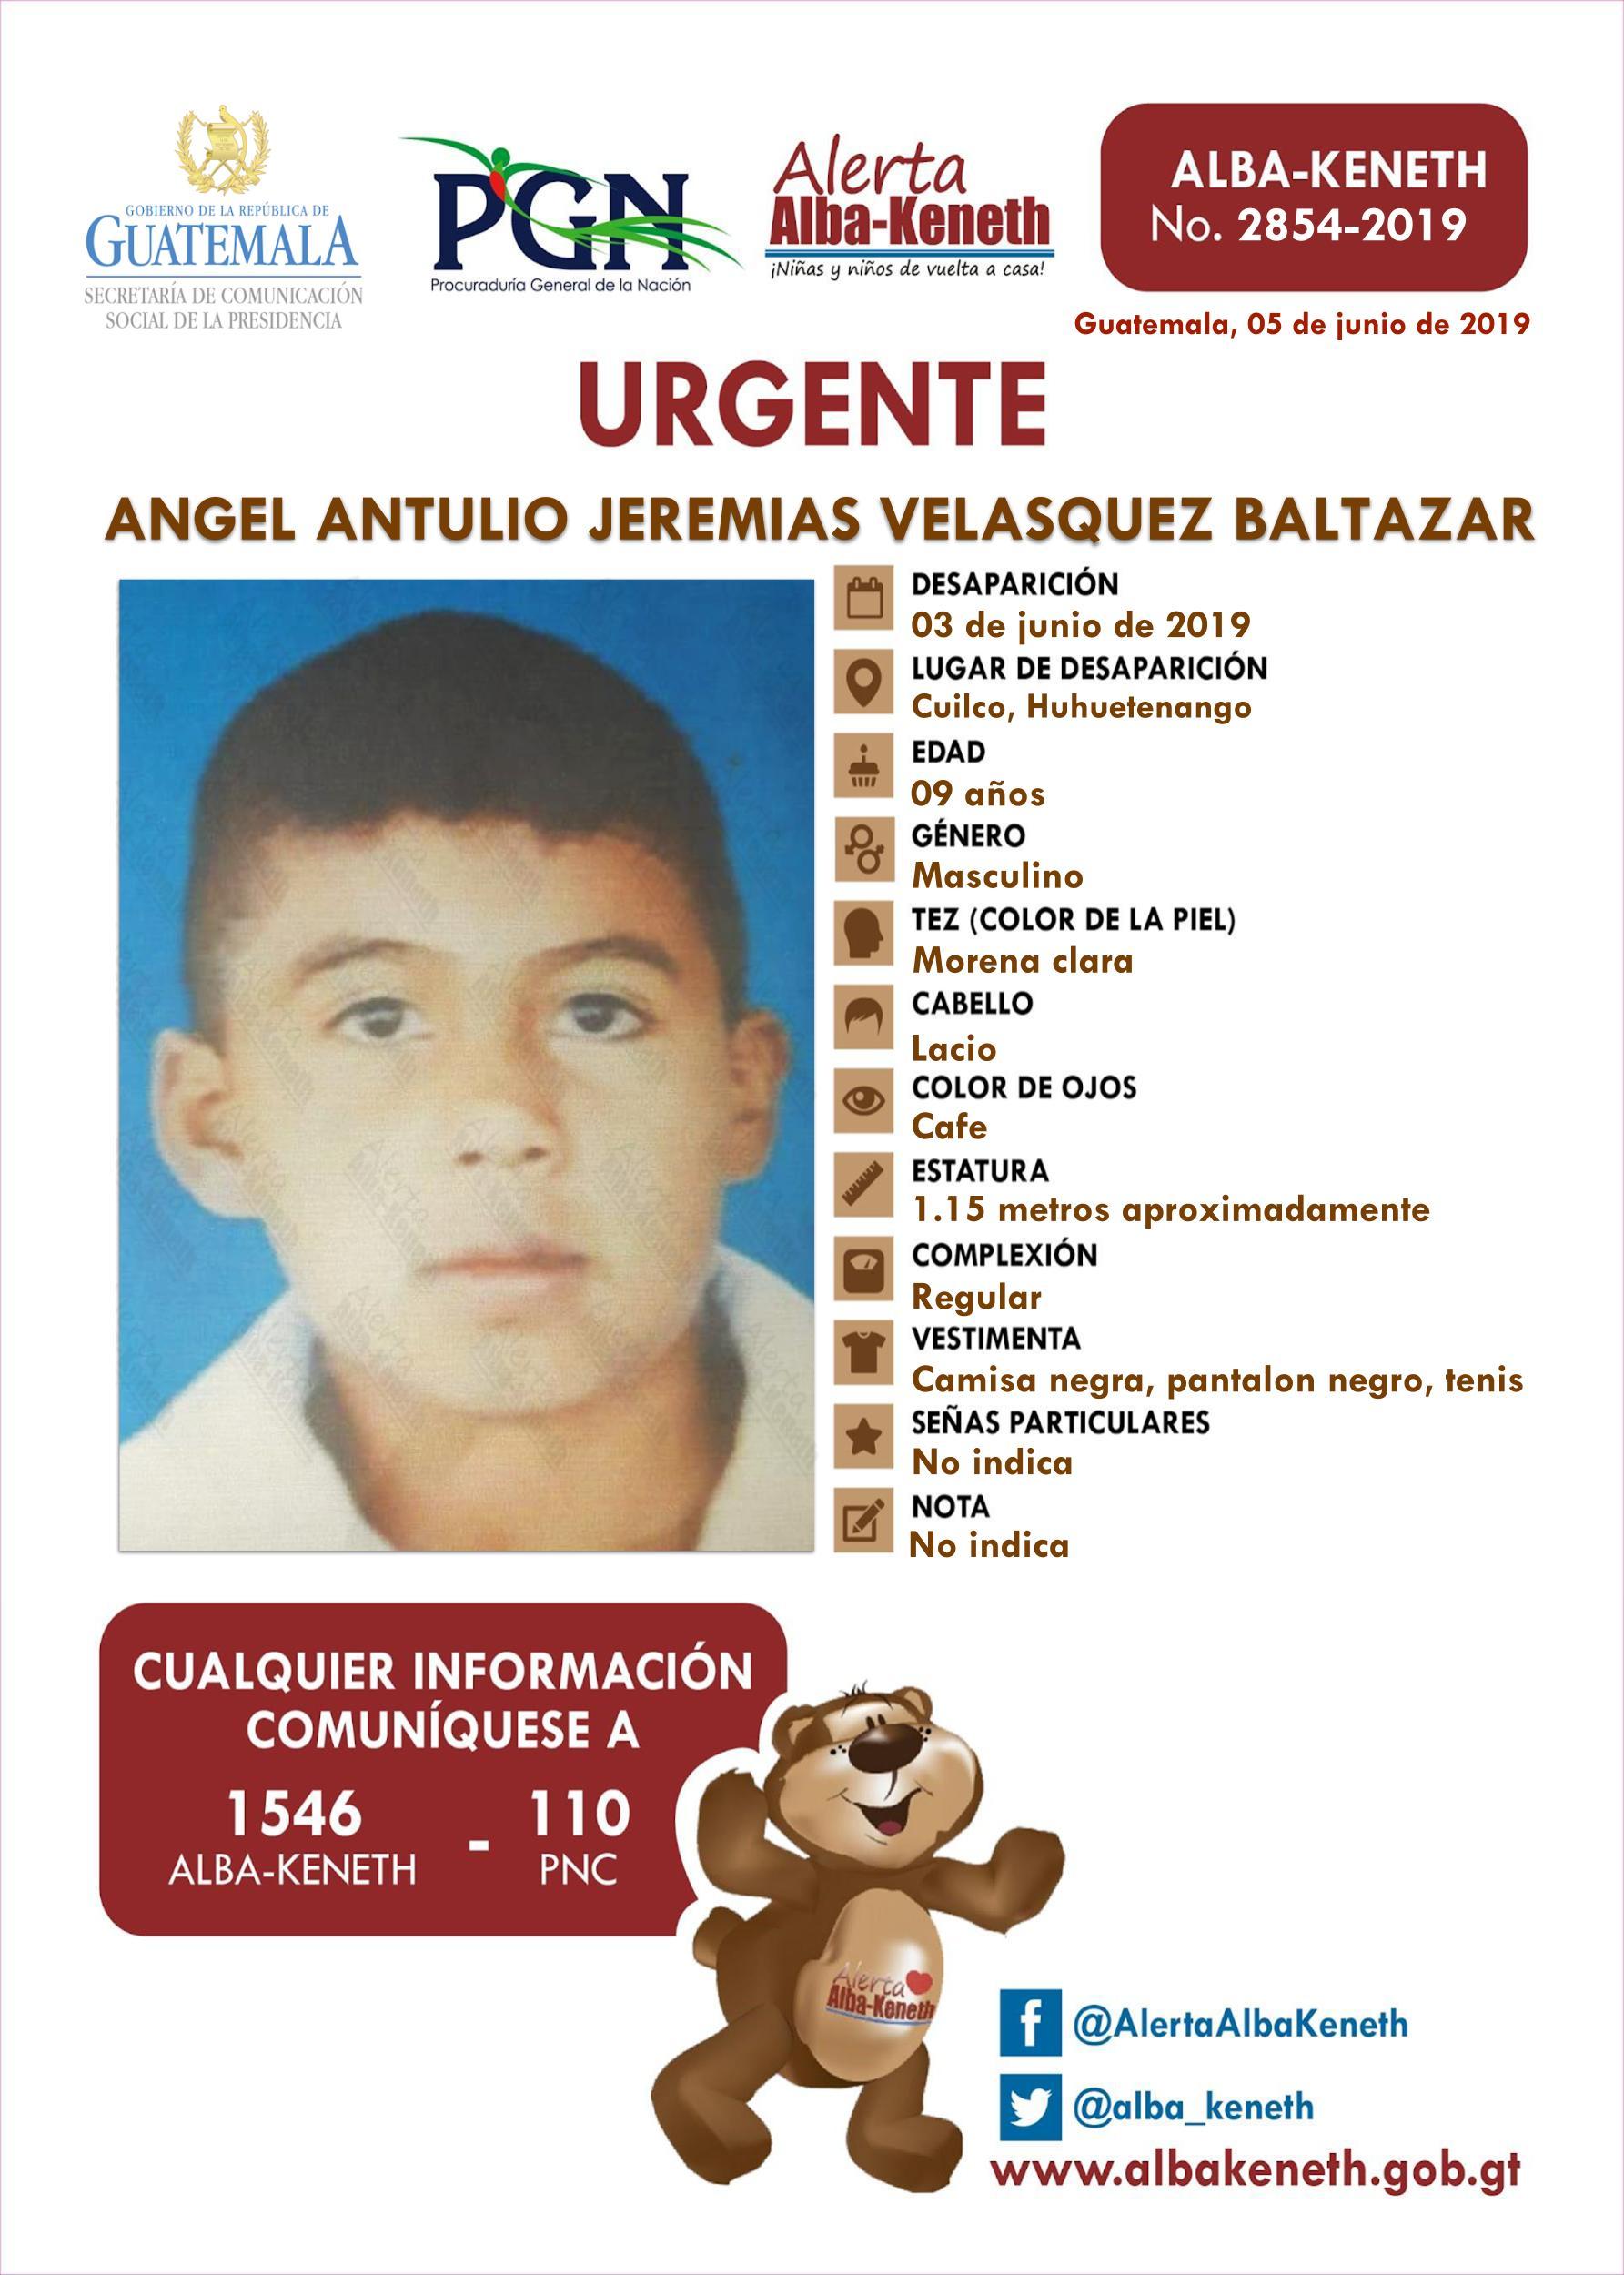 Angel Antulio Jeremias Velasquez Baltazar